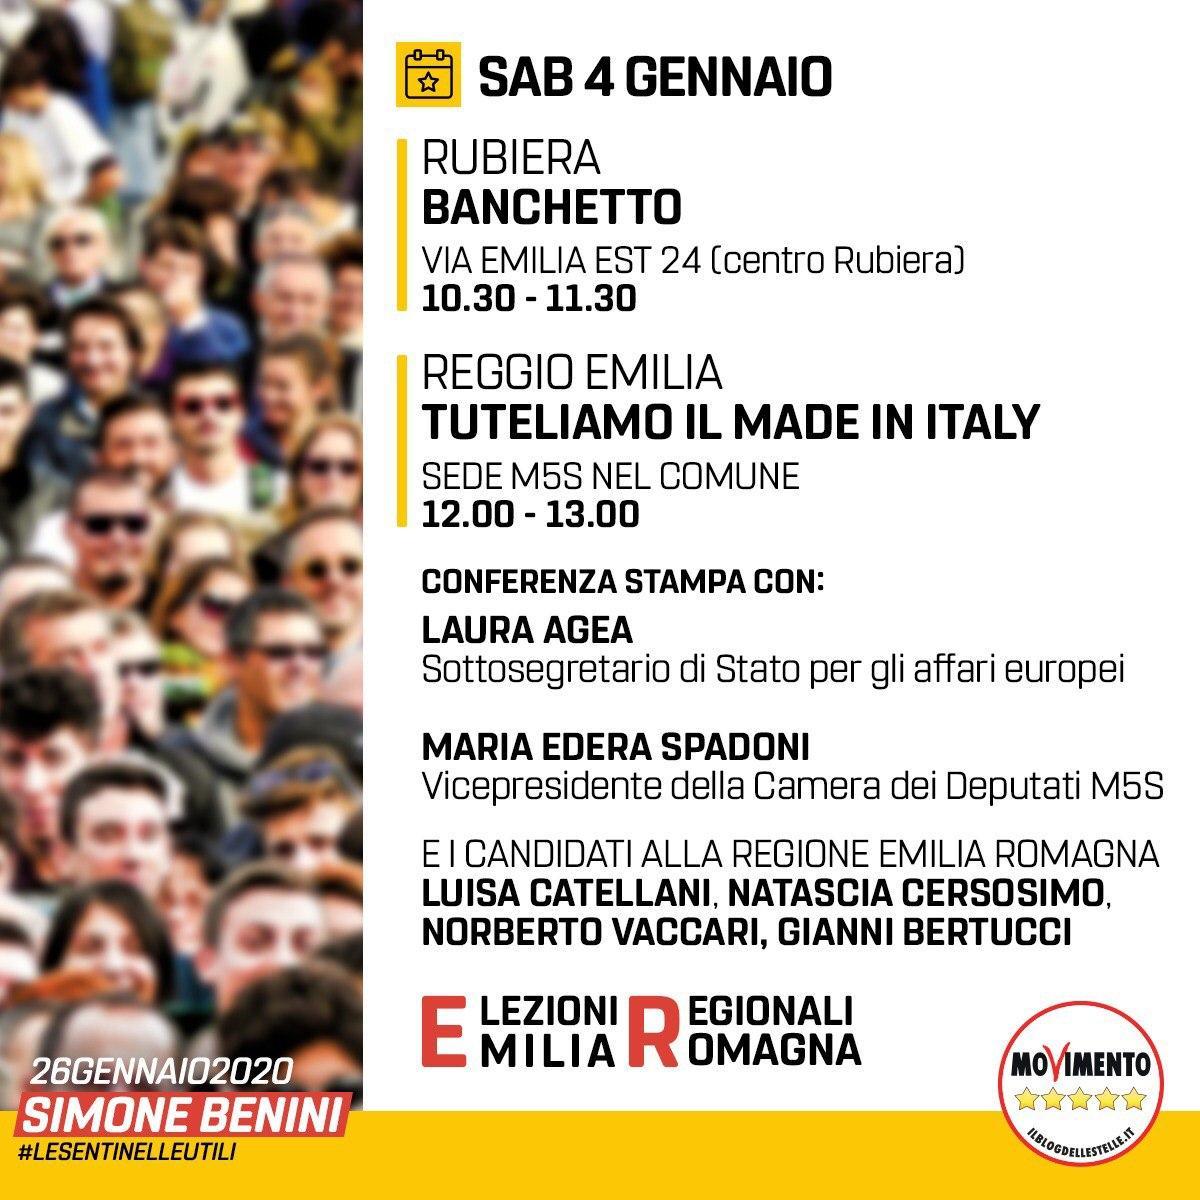 Conferenza stampa sabato 4 gennaio: tuteliamo il Made in Italy, tuteliamo i prodotti reggiani e le nostre aziende.